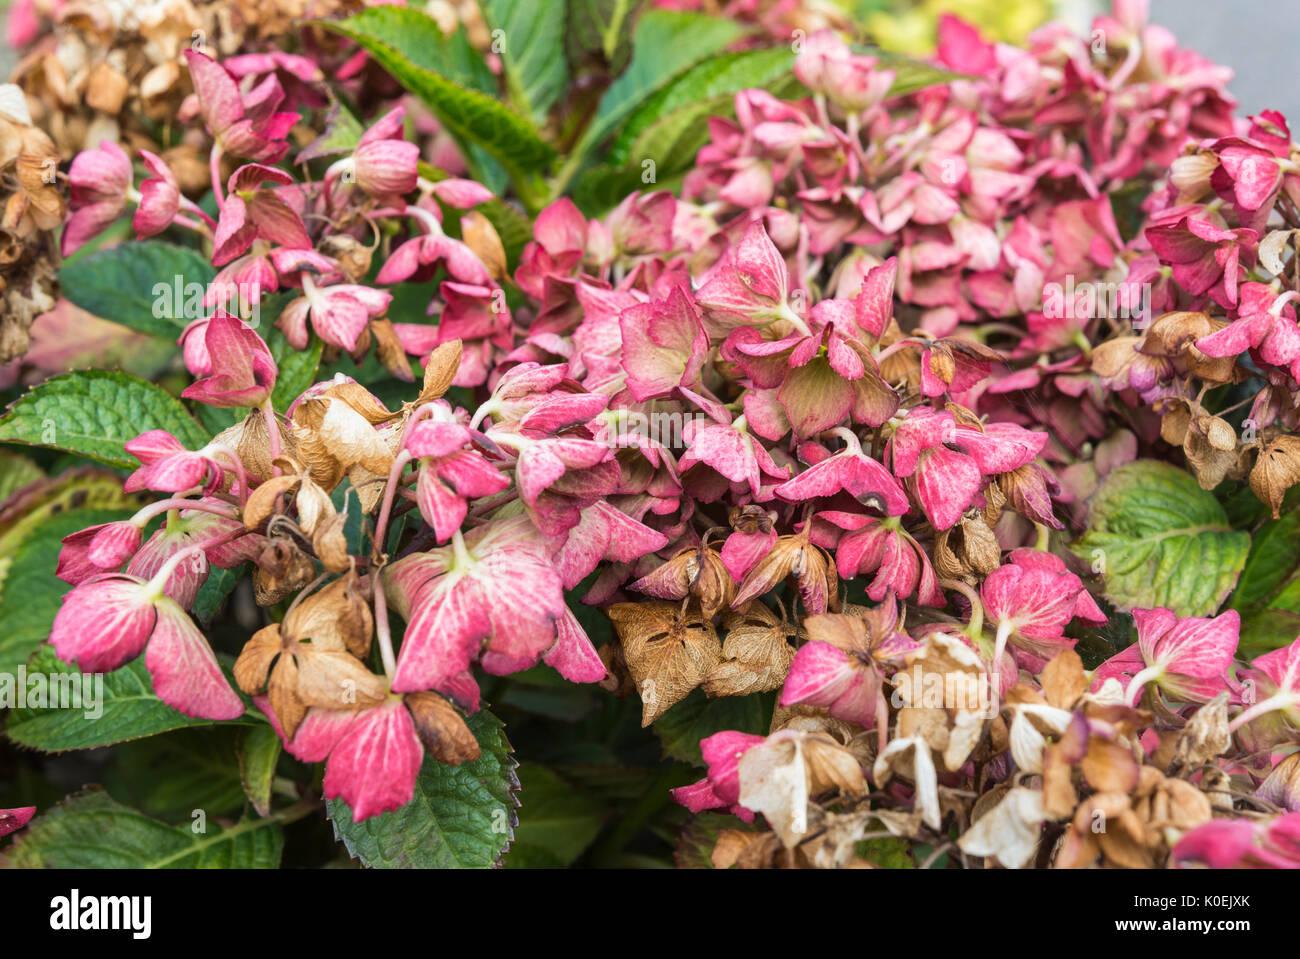 Morendo fiori su Hydrangea macrophylla 'elma' (Olandese Ladies serie) arbusto vicino a fine estate nel West Sussex, in Inghilterra, Regno Unito. Immagini Stock